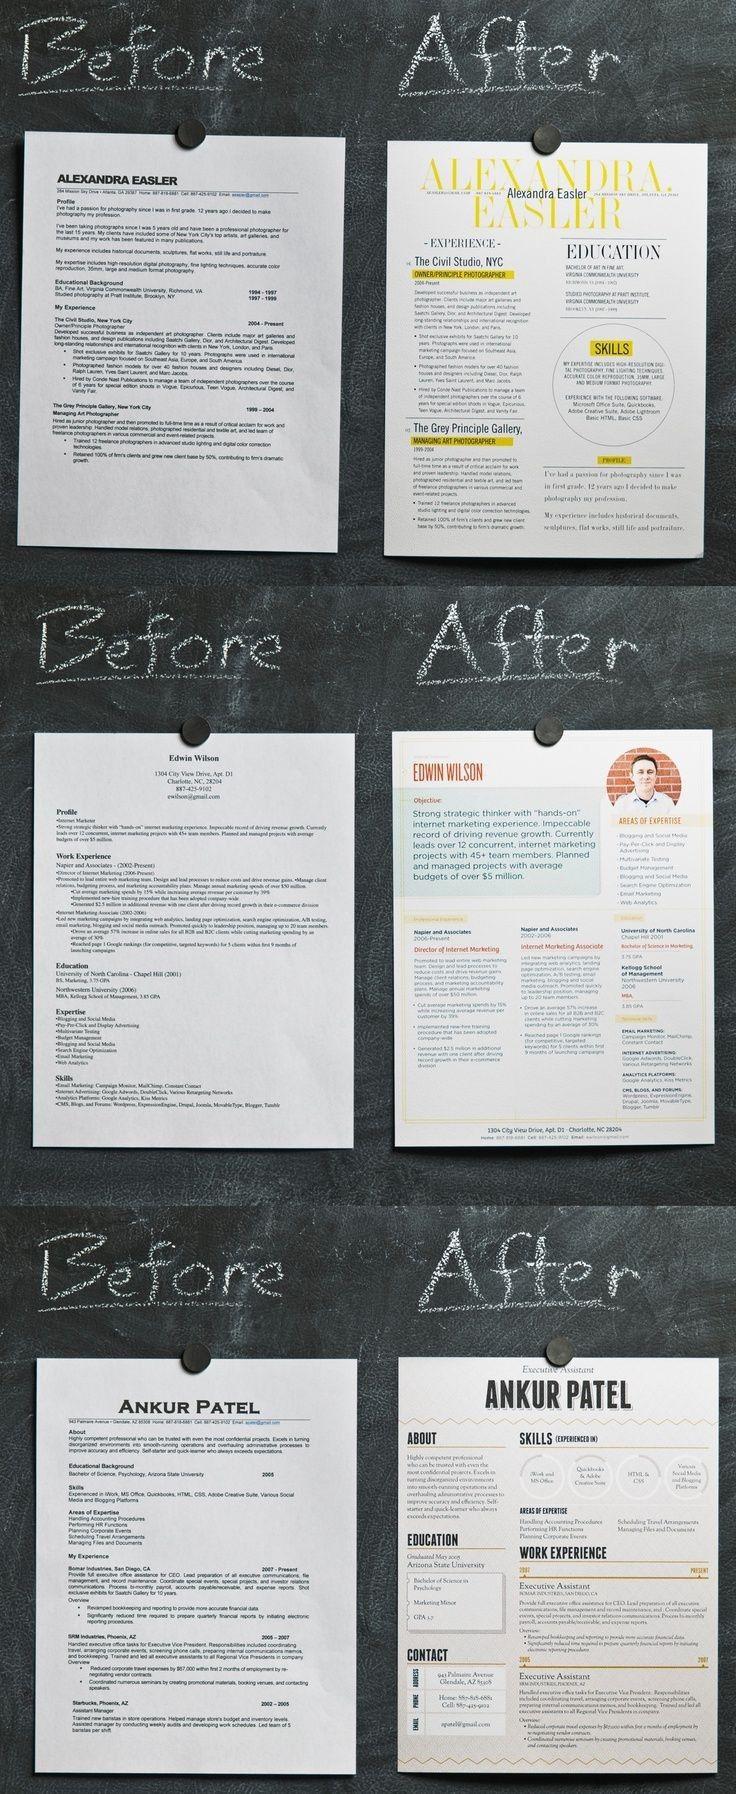 free creative resume templates that stand out%0A Conseils pour un bon CV et une lettre de motivation percutante     Student  Life